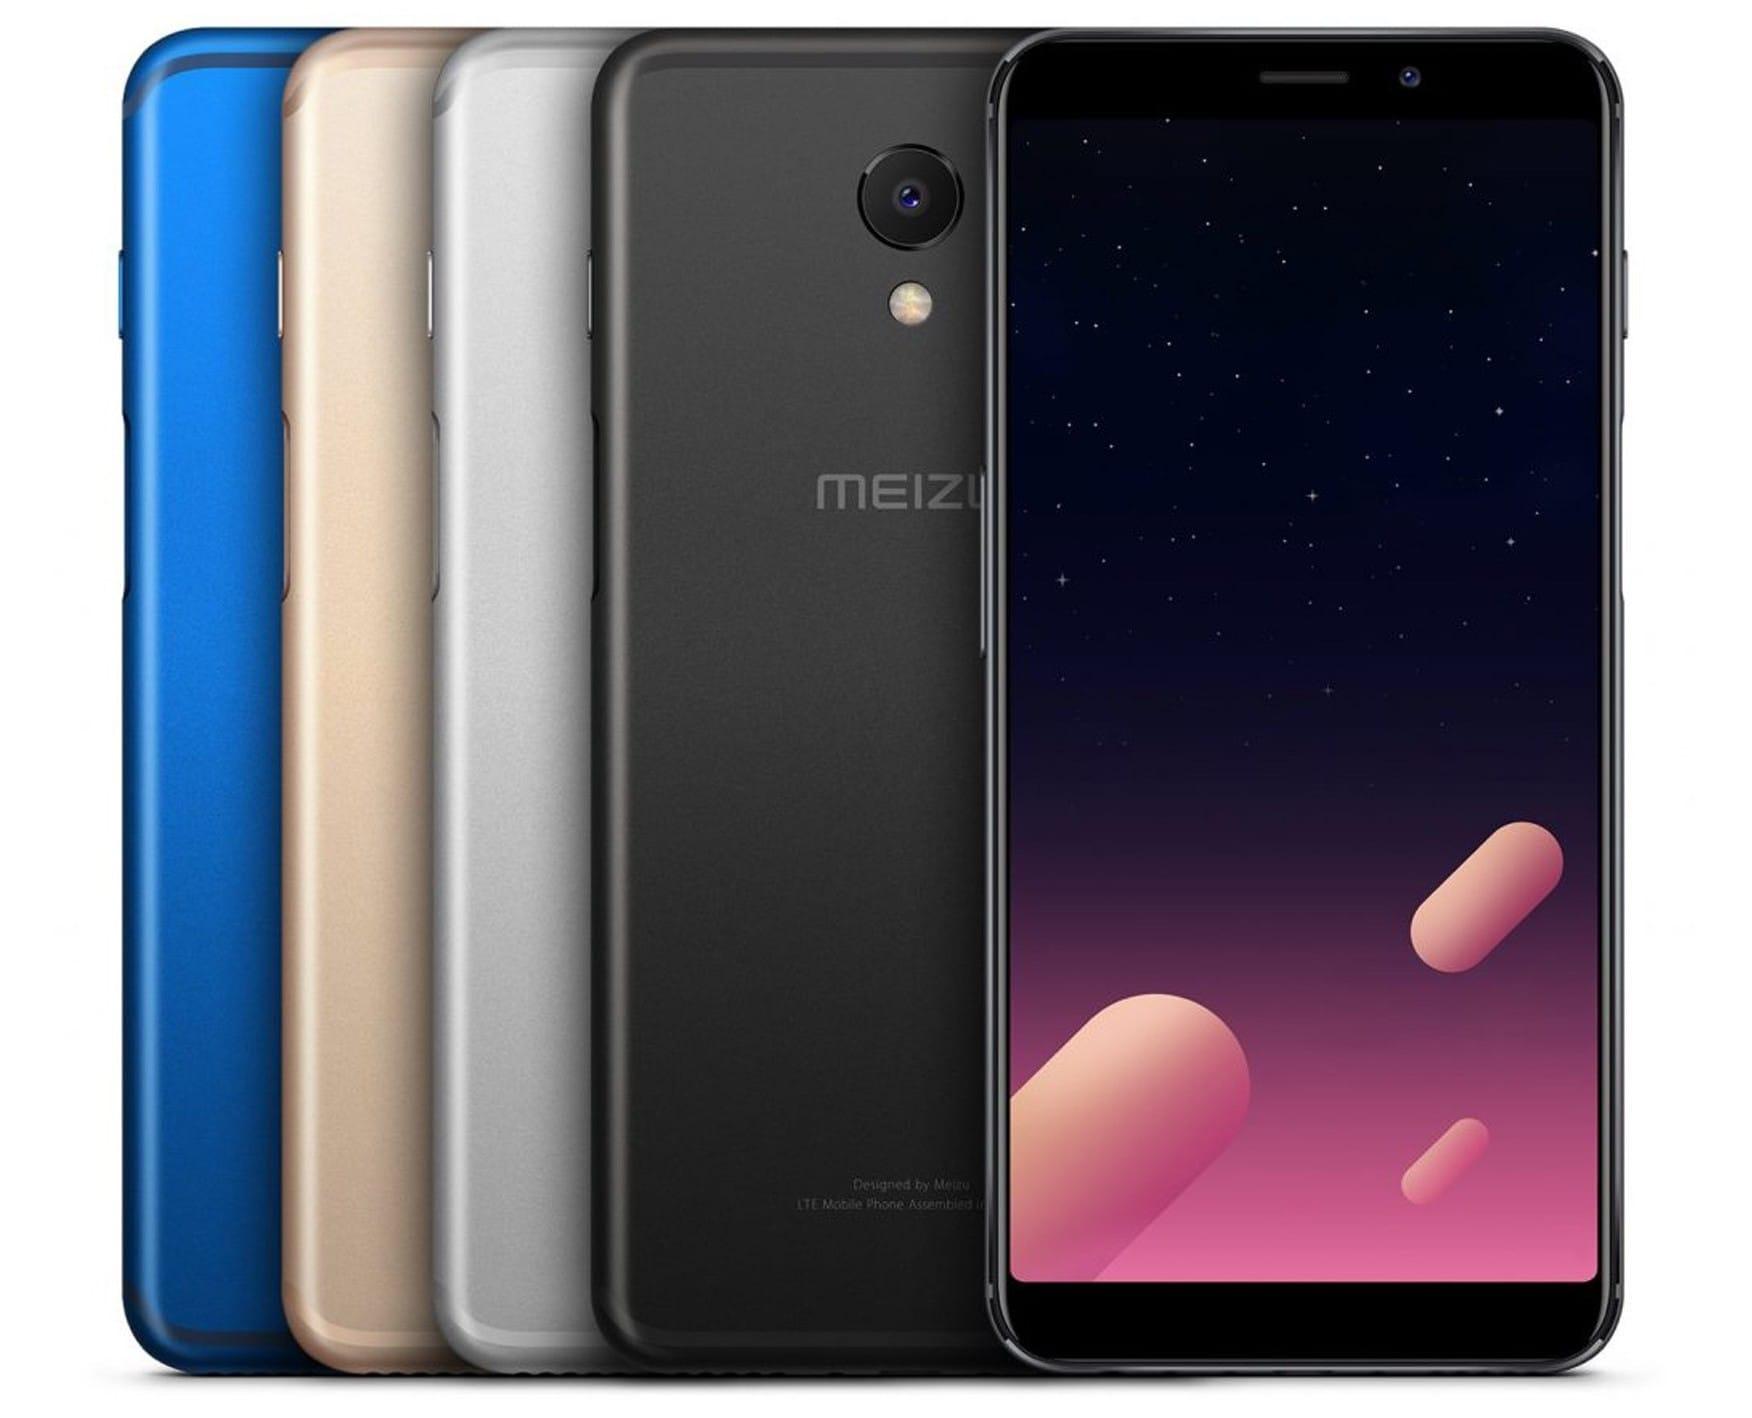 Безрамочный смартфон Meizu M6s сбоковым сканером отпечатков пальцев вышел в Российской Федерации